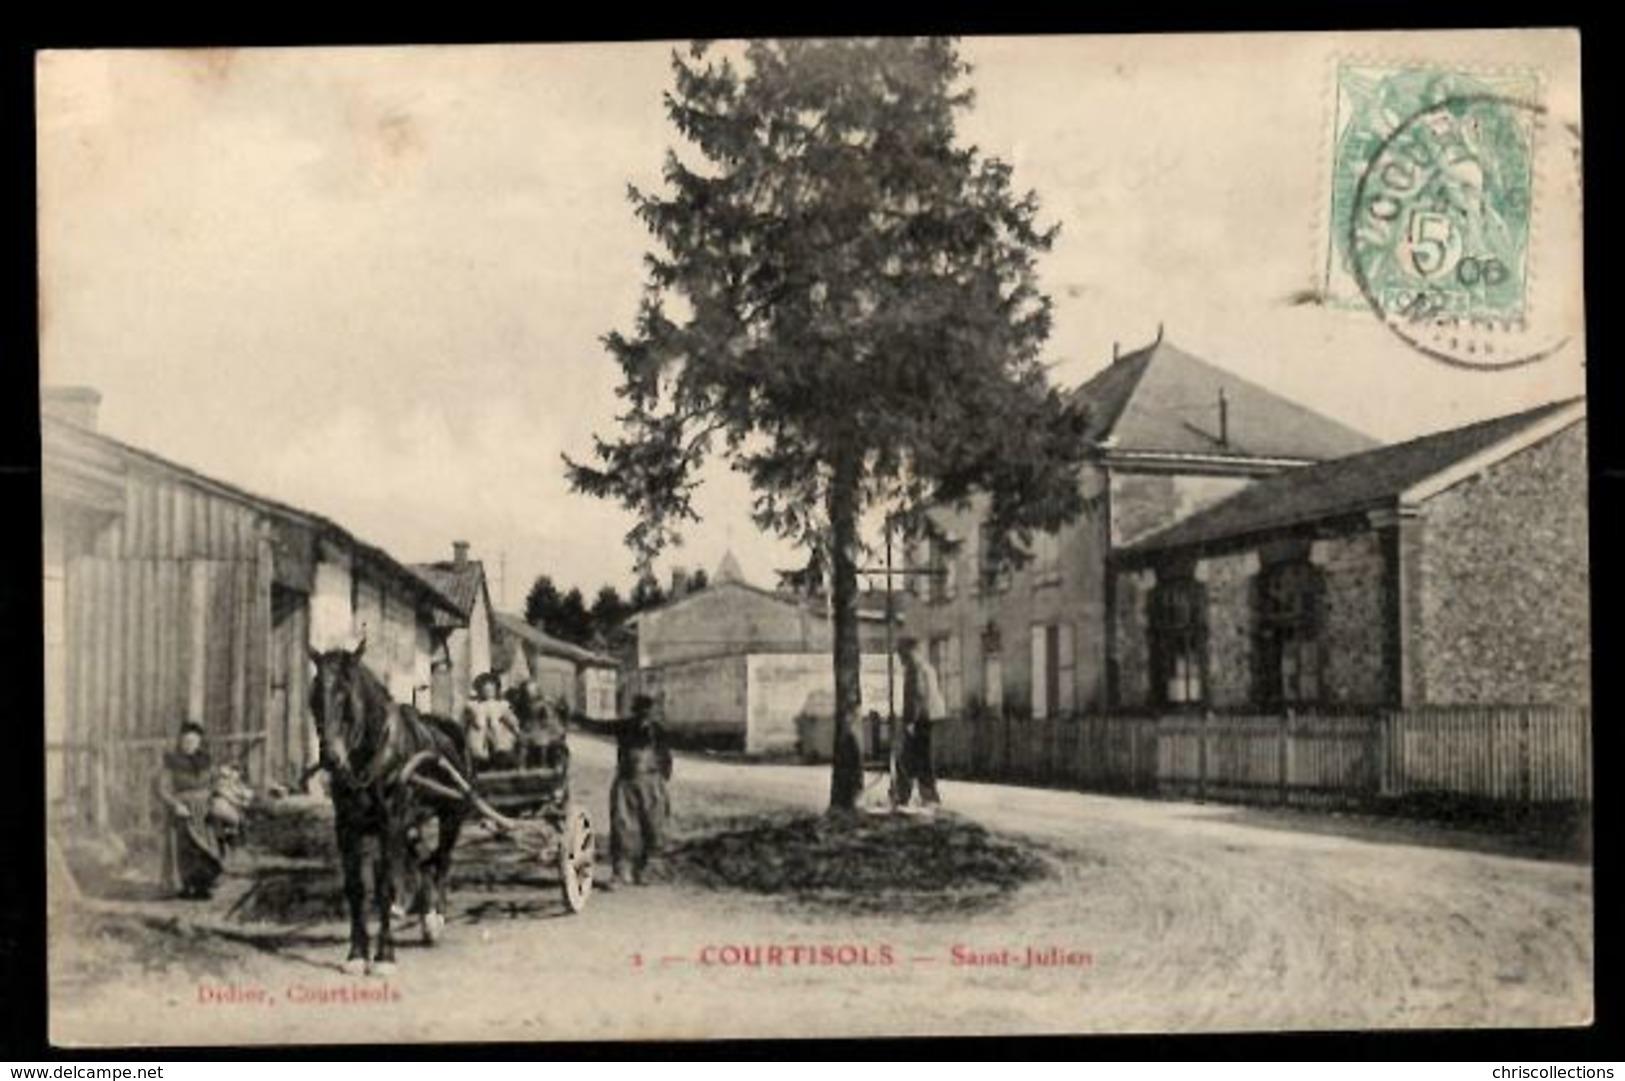 51 - COURTISOLS (Marne) - Saint Julien - Courtisols